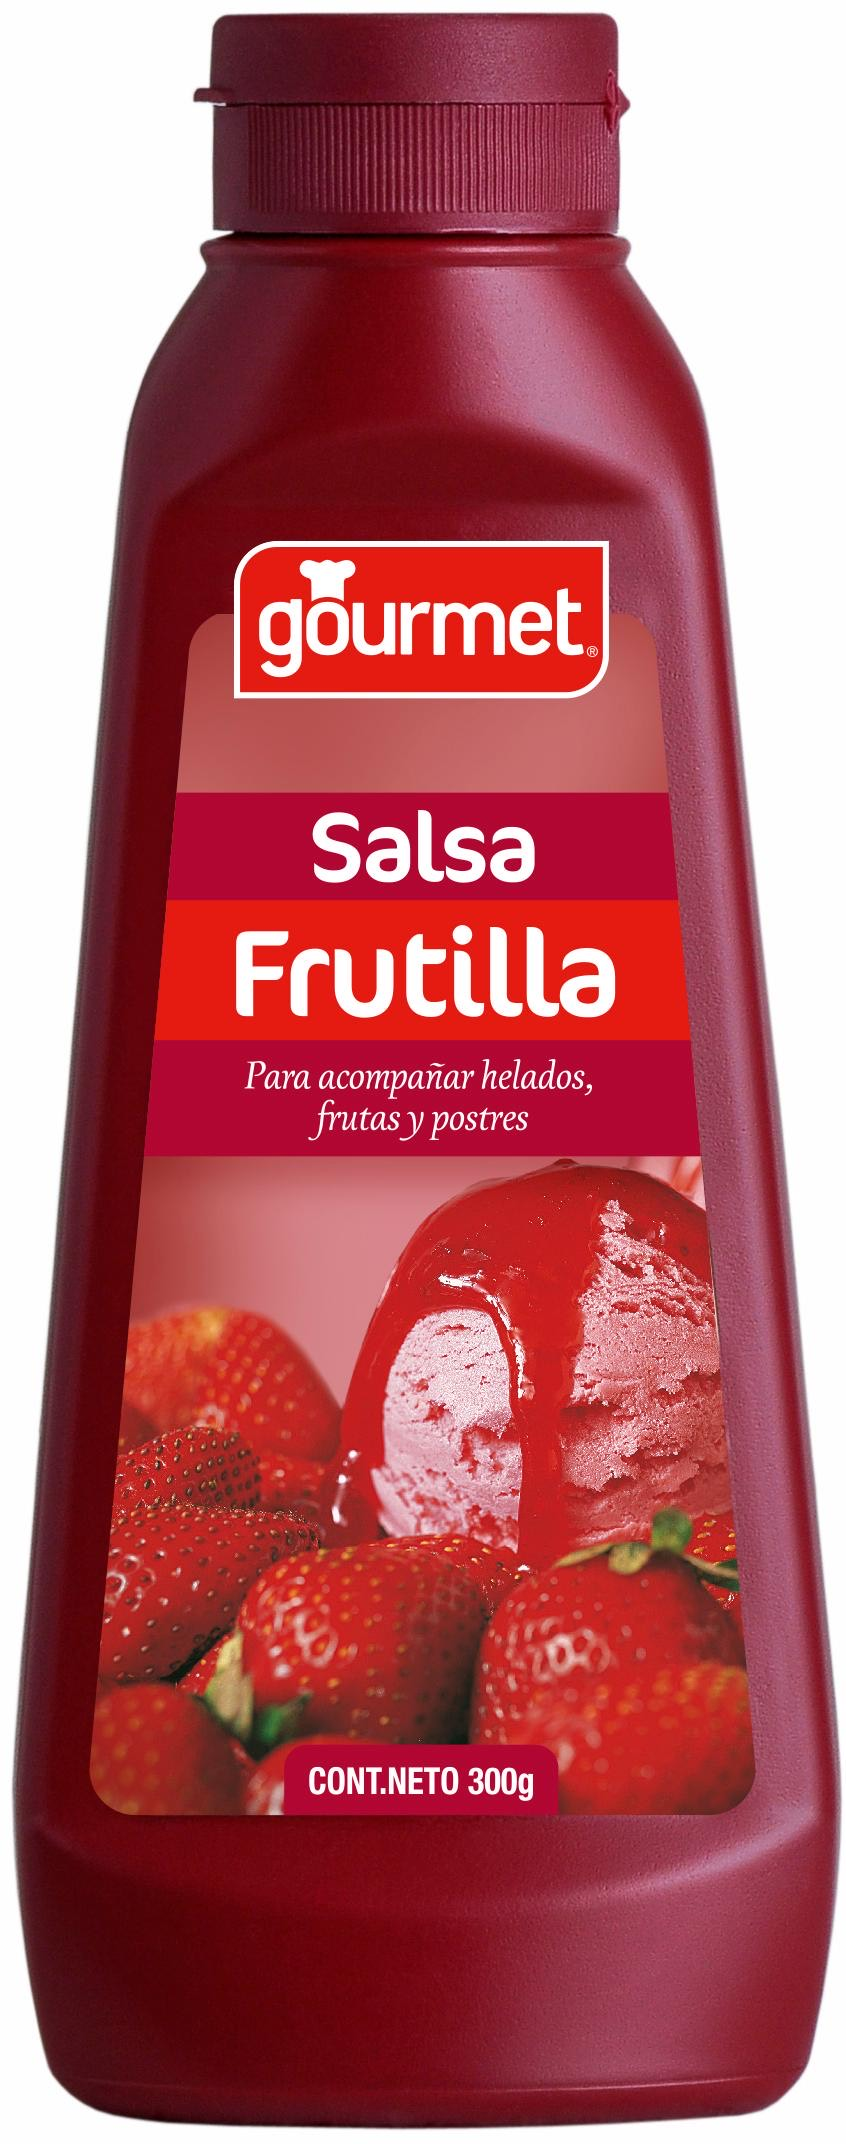 Salsa de Frutilla